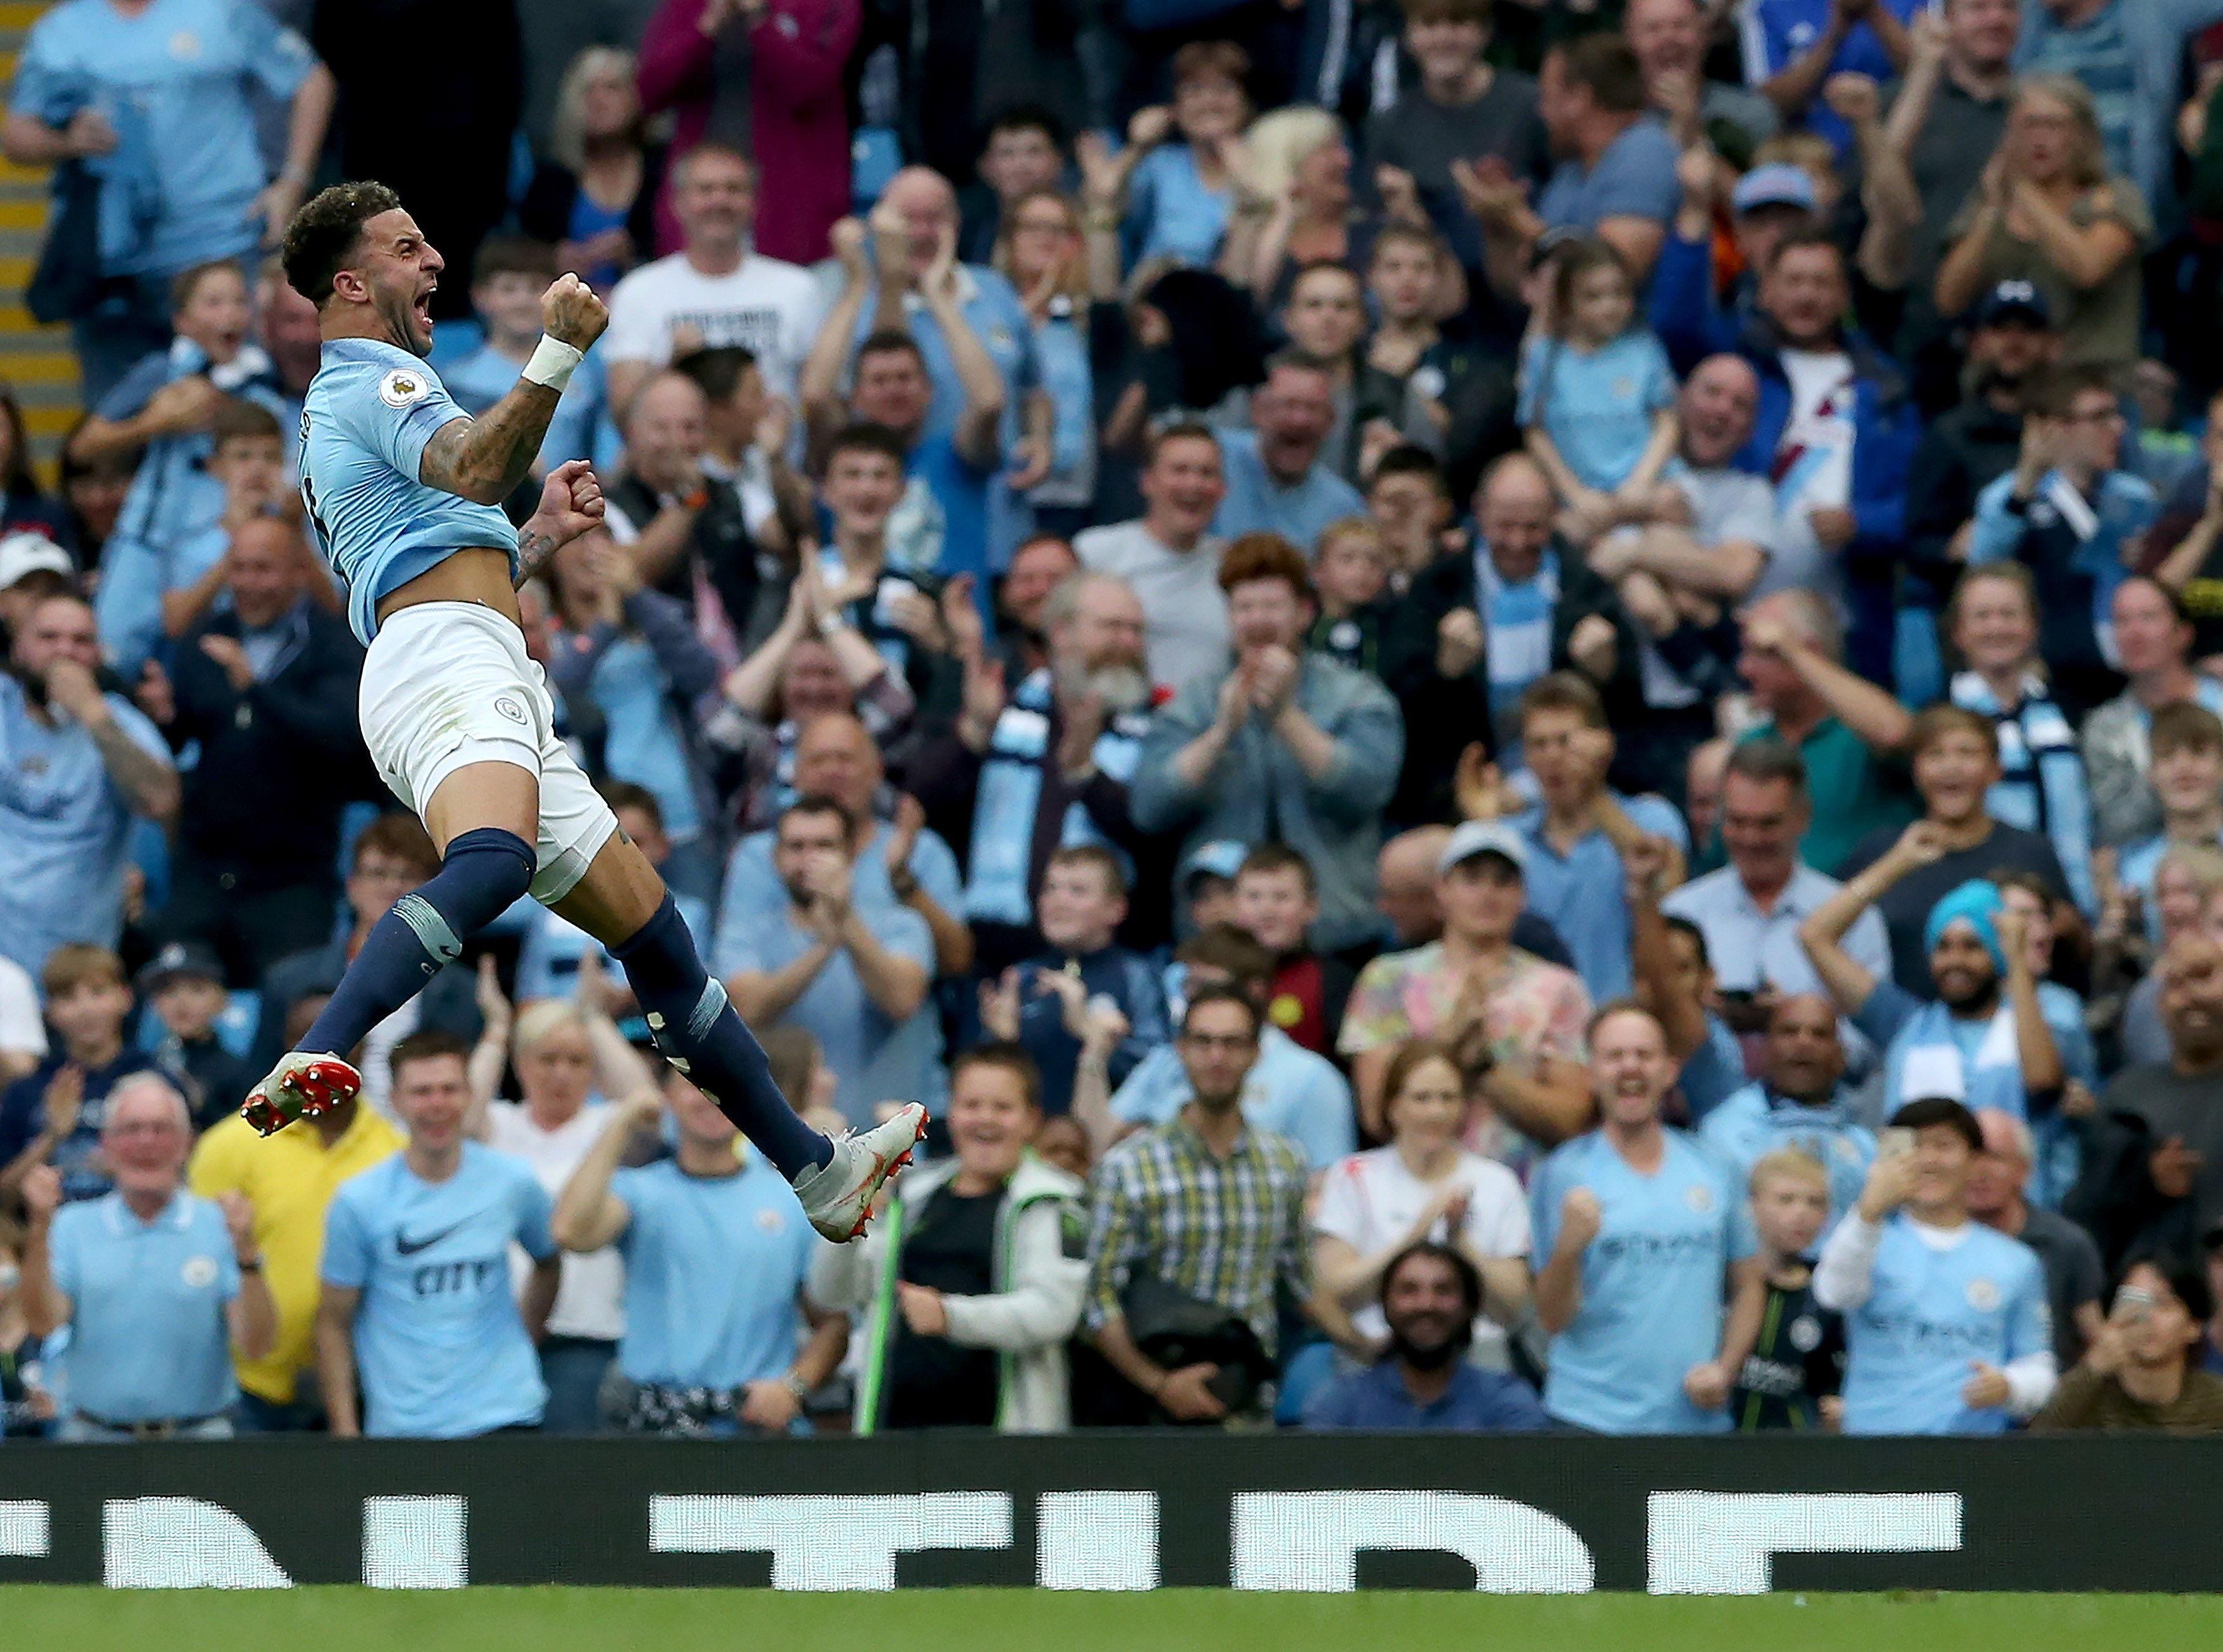 Walker Minta Dukungan Lebih Dari Fans Manchester City